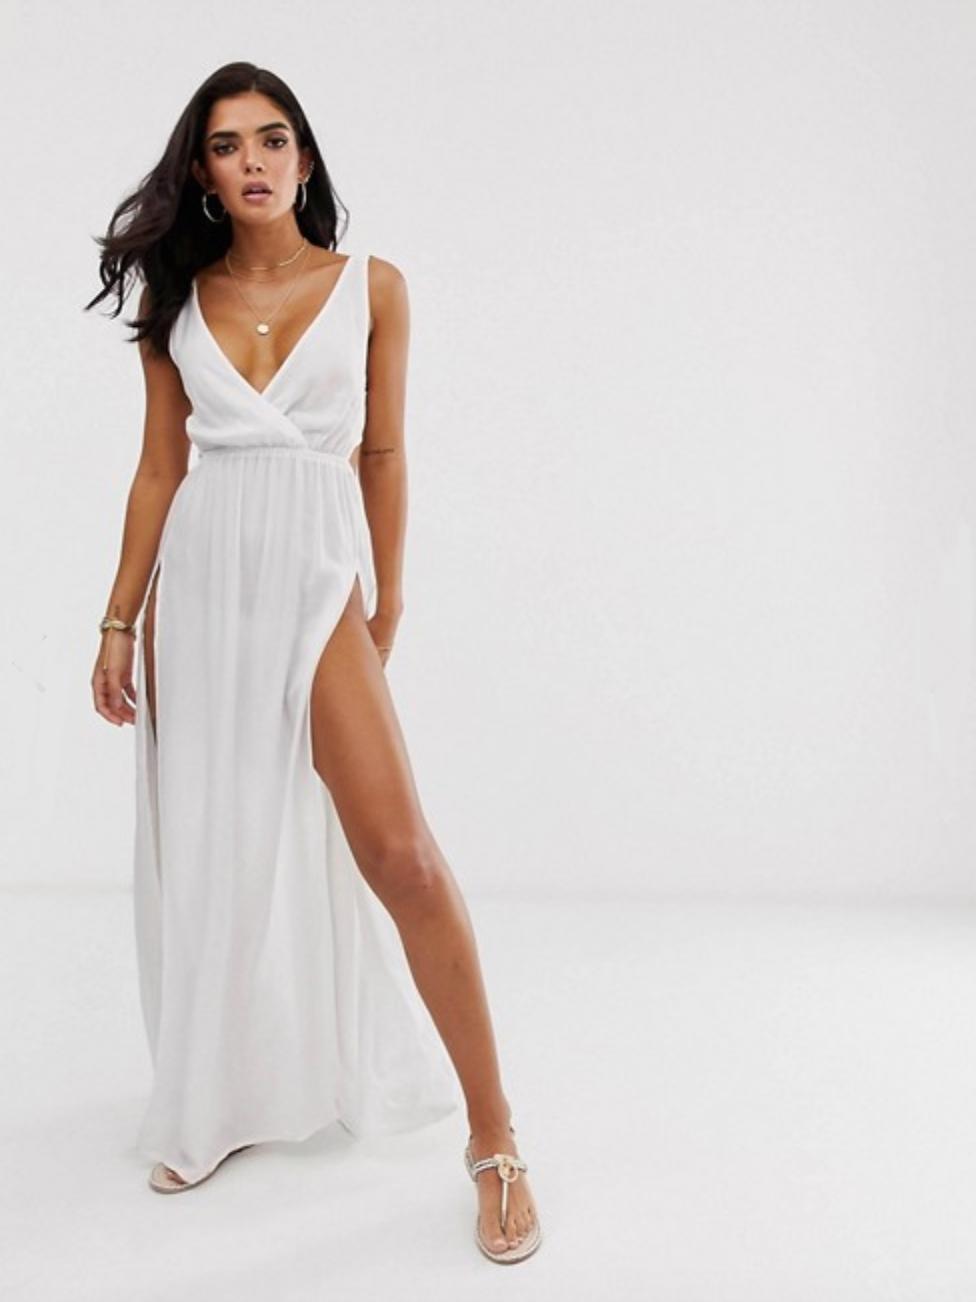 56bd8ee93 1-vestido-largo-blanco-verano-barato-asos. Vestido largo